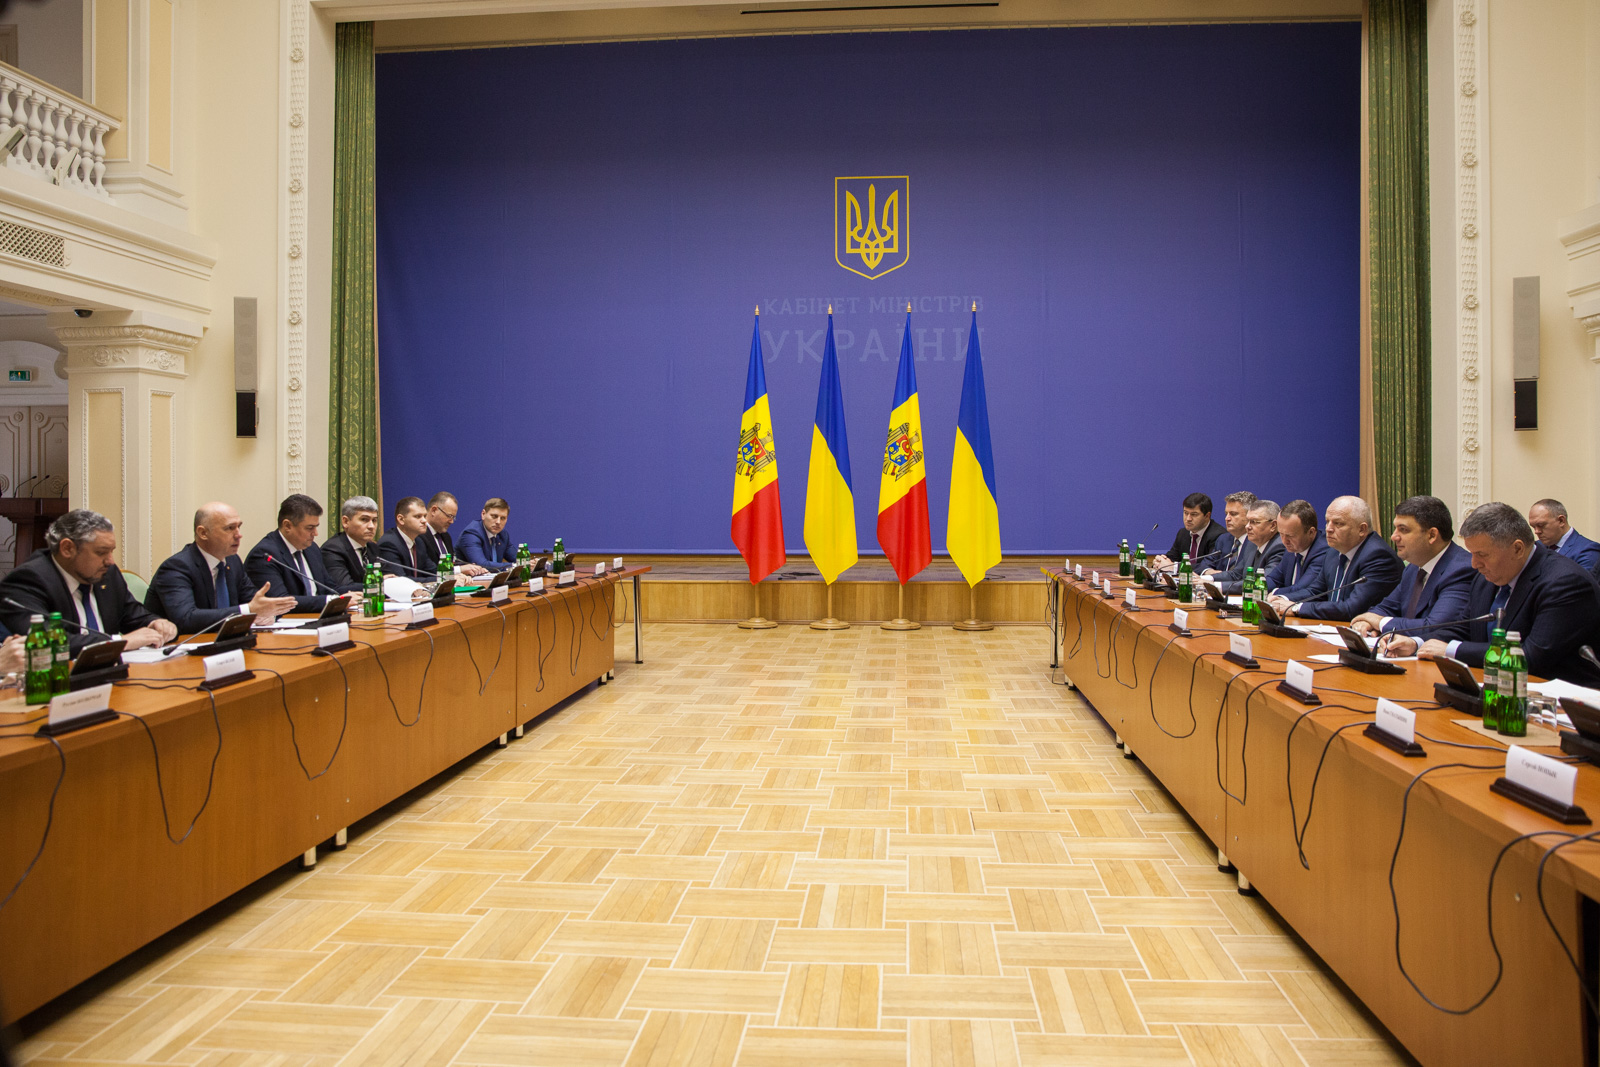 """Premierul ucrainean despre hidrocentralele pe Nistru: """"Vrem să discutăm problema cu savanții și experții moldoveni"""""""